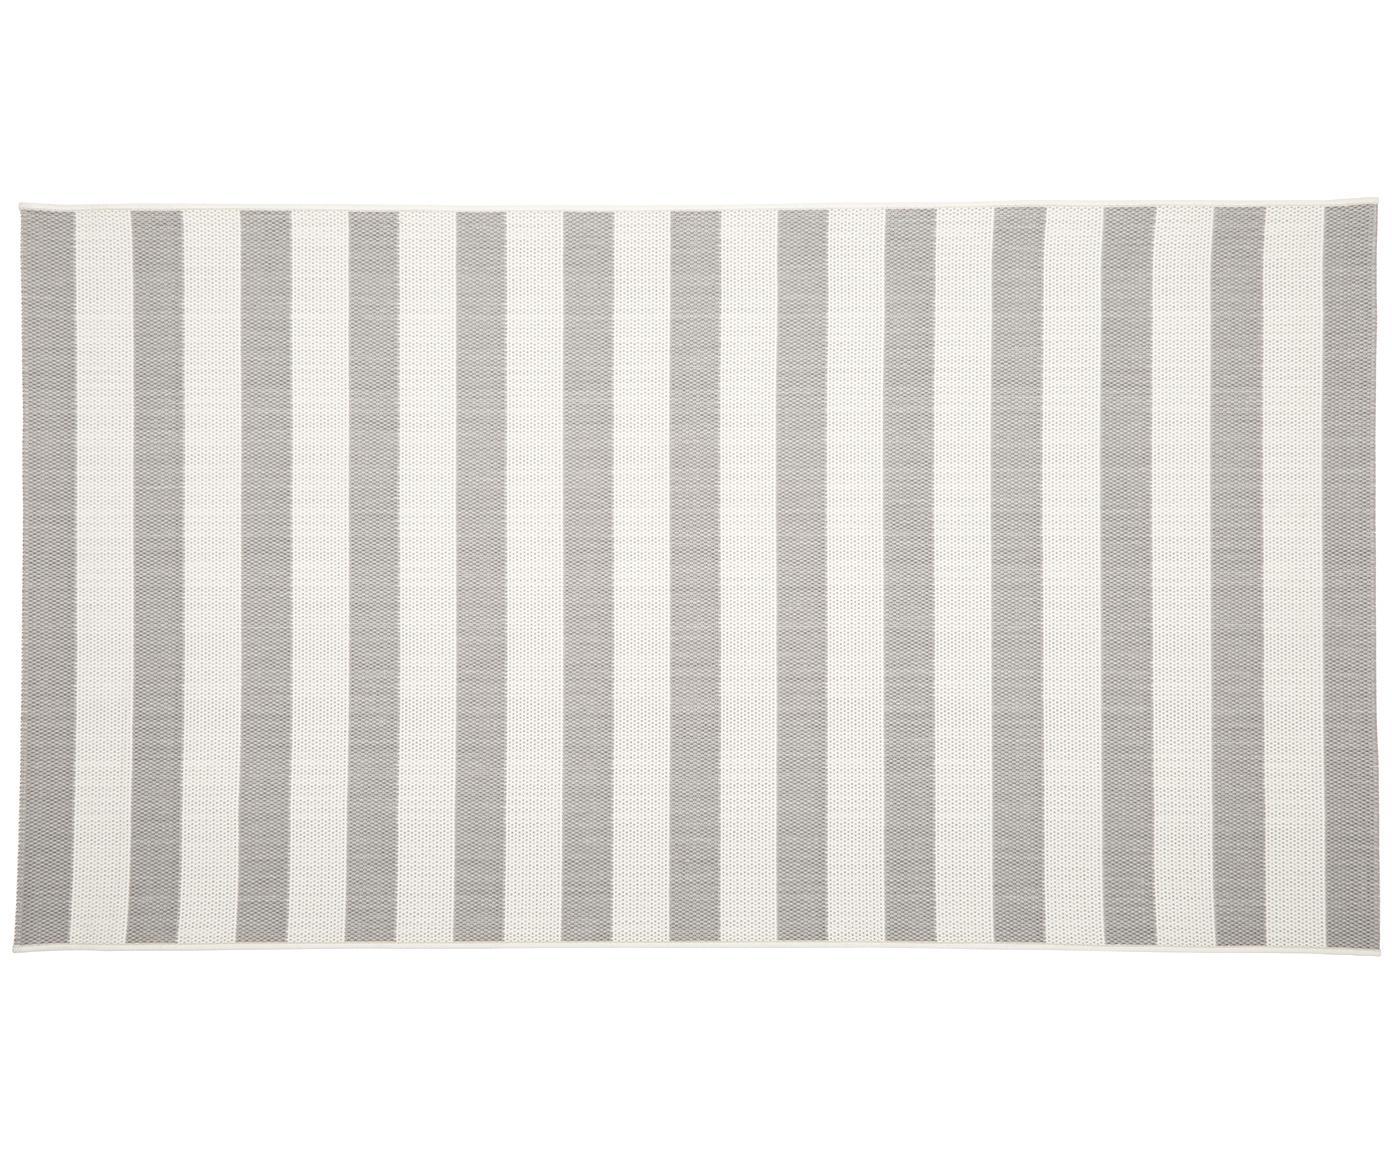 Gestreifter In- & Outdoor-Teppich Axa in Grau/Weiss, Flor: 100% Polypropylen, Cremeweiss, Grau, B 80 x L 150 cm (Grösse XS)